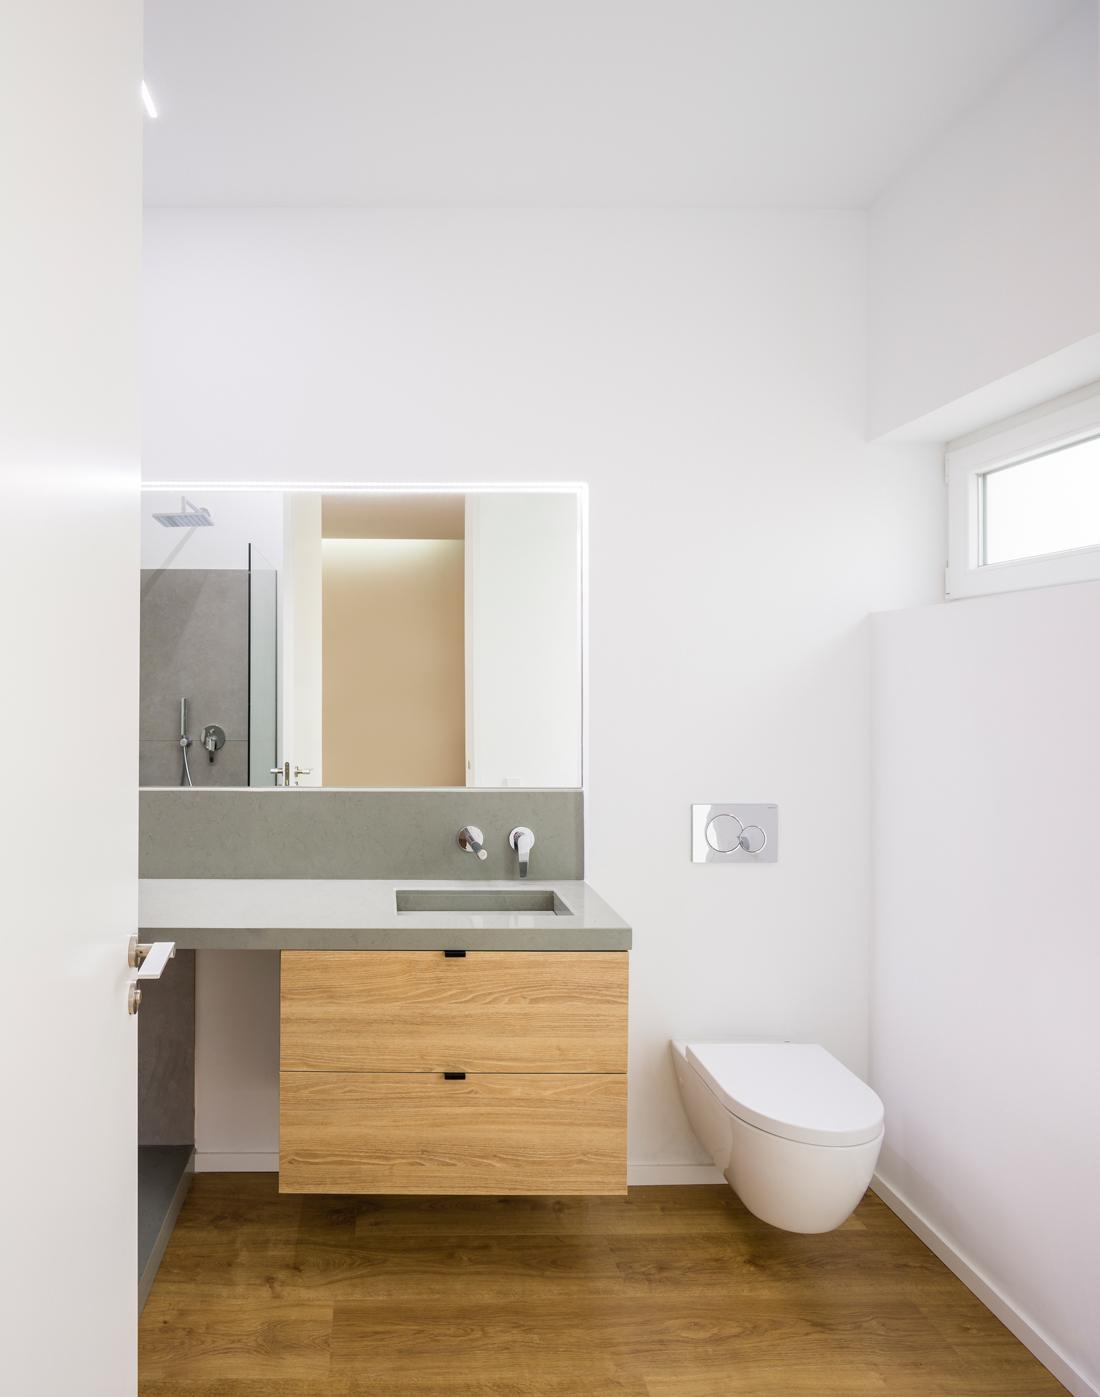 reforma ático babel arquitecto valencia foto daniel rueda cuerda cuarto baño silestone